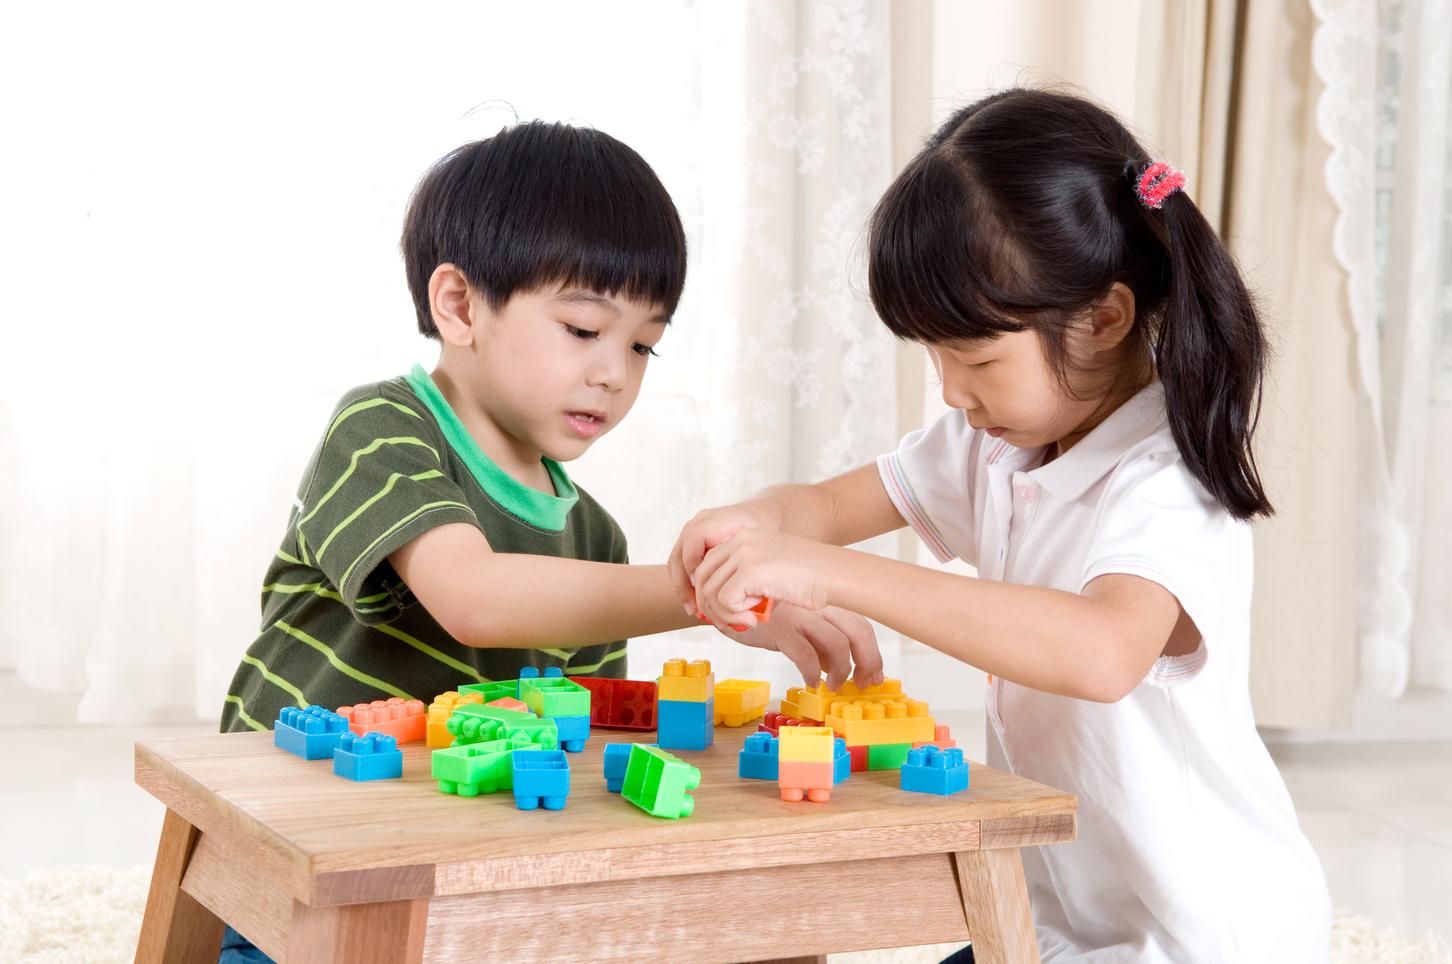 Montessori tạo điều kiện để trẻ phát triển đồng đều cả về tư duy và tính cách Nguồn: Afamily